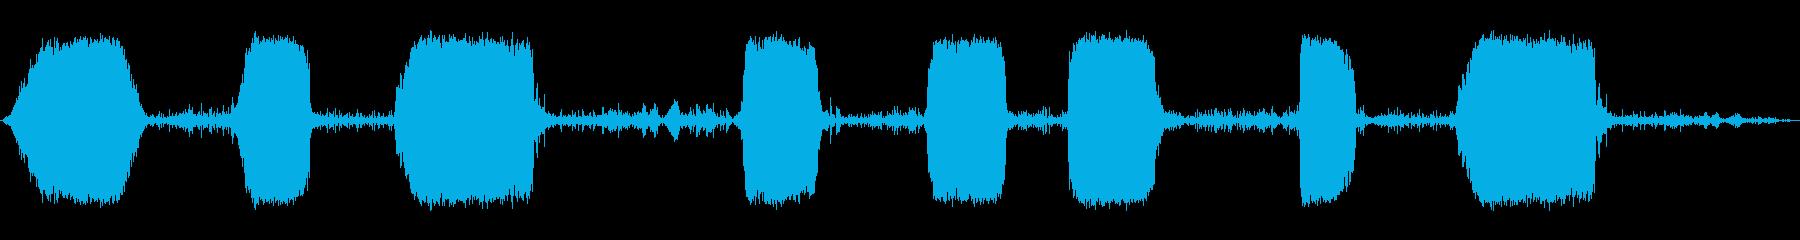 スピニングメタルスクリーン、フォリーの再生済みの波形